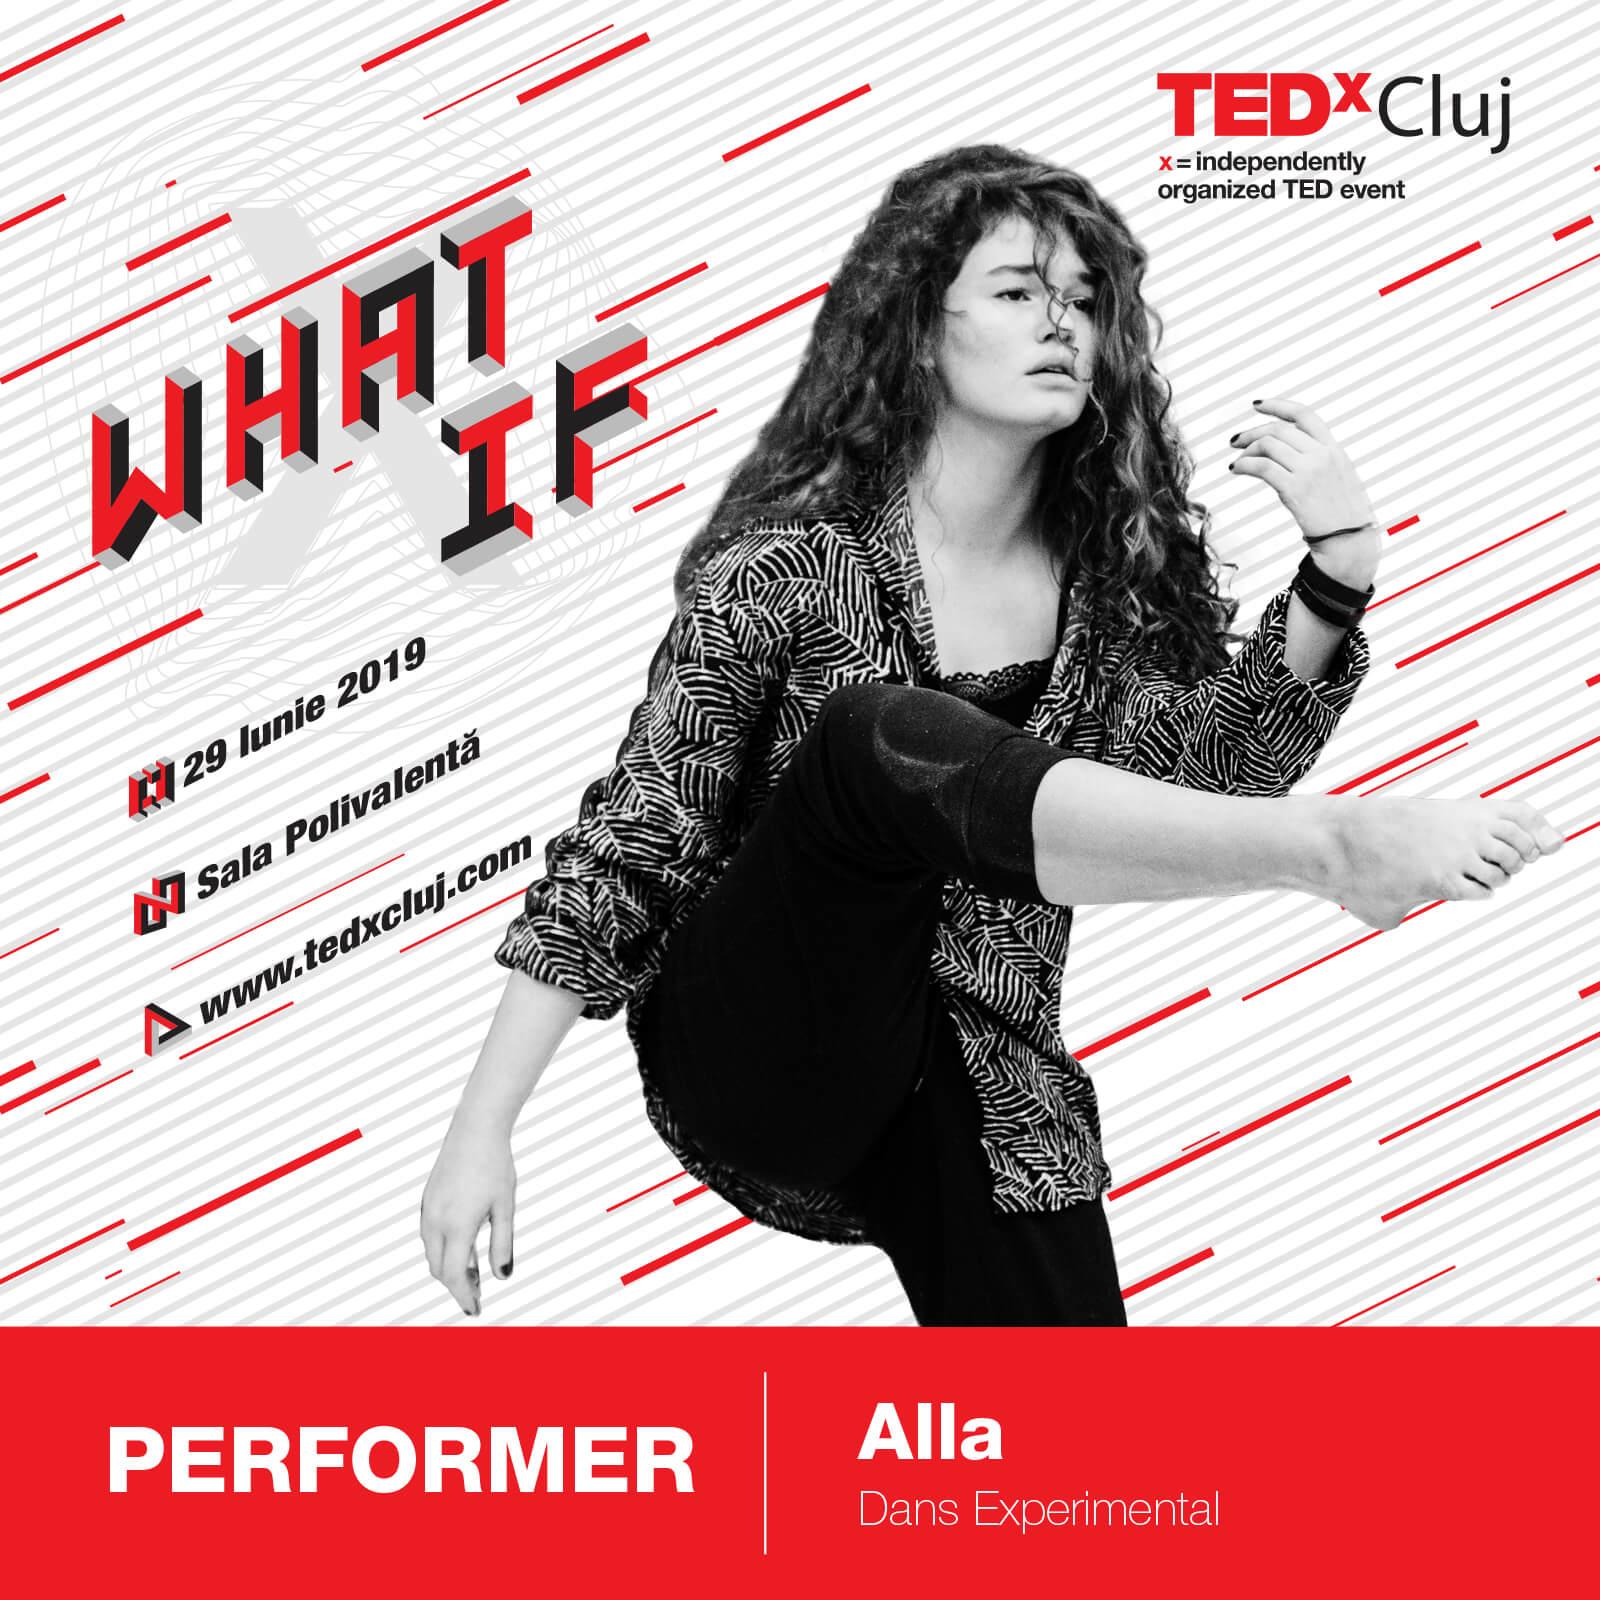 Alla TEDxCluj 2019